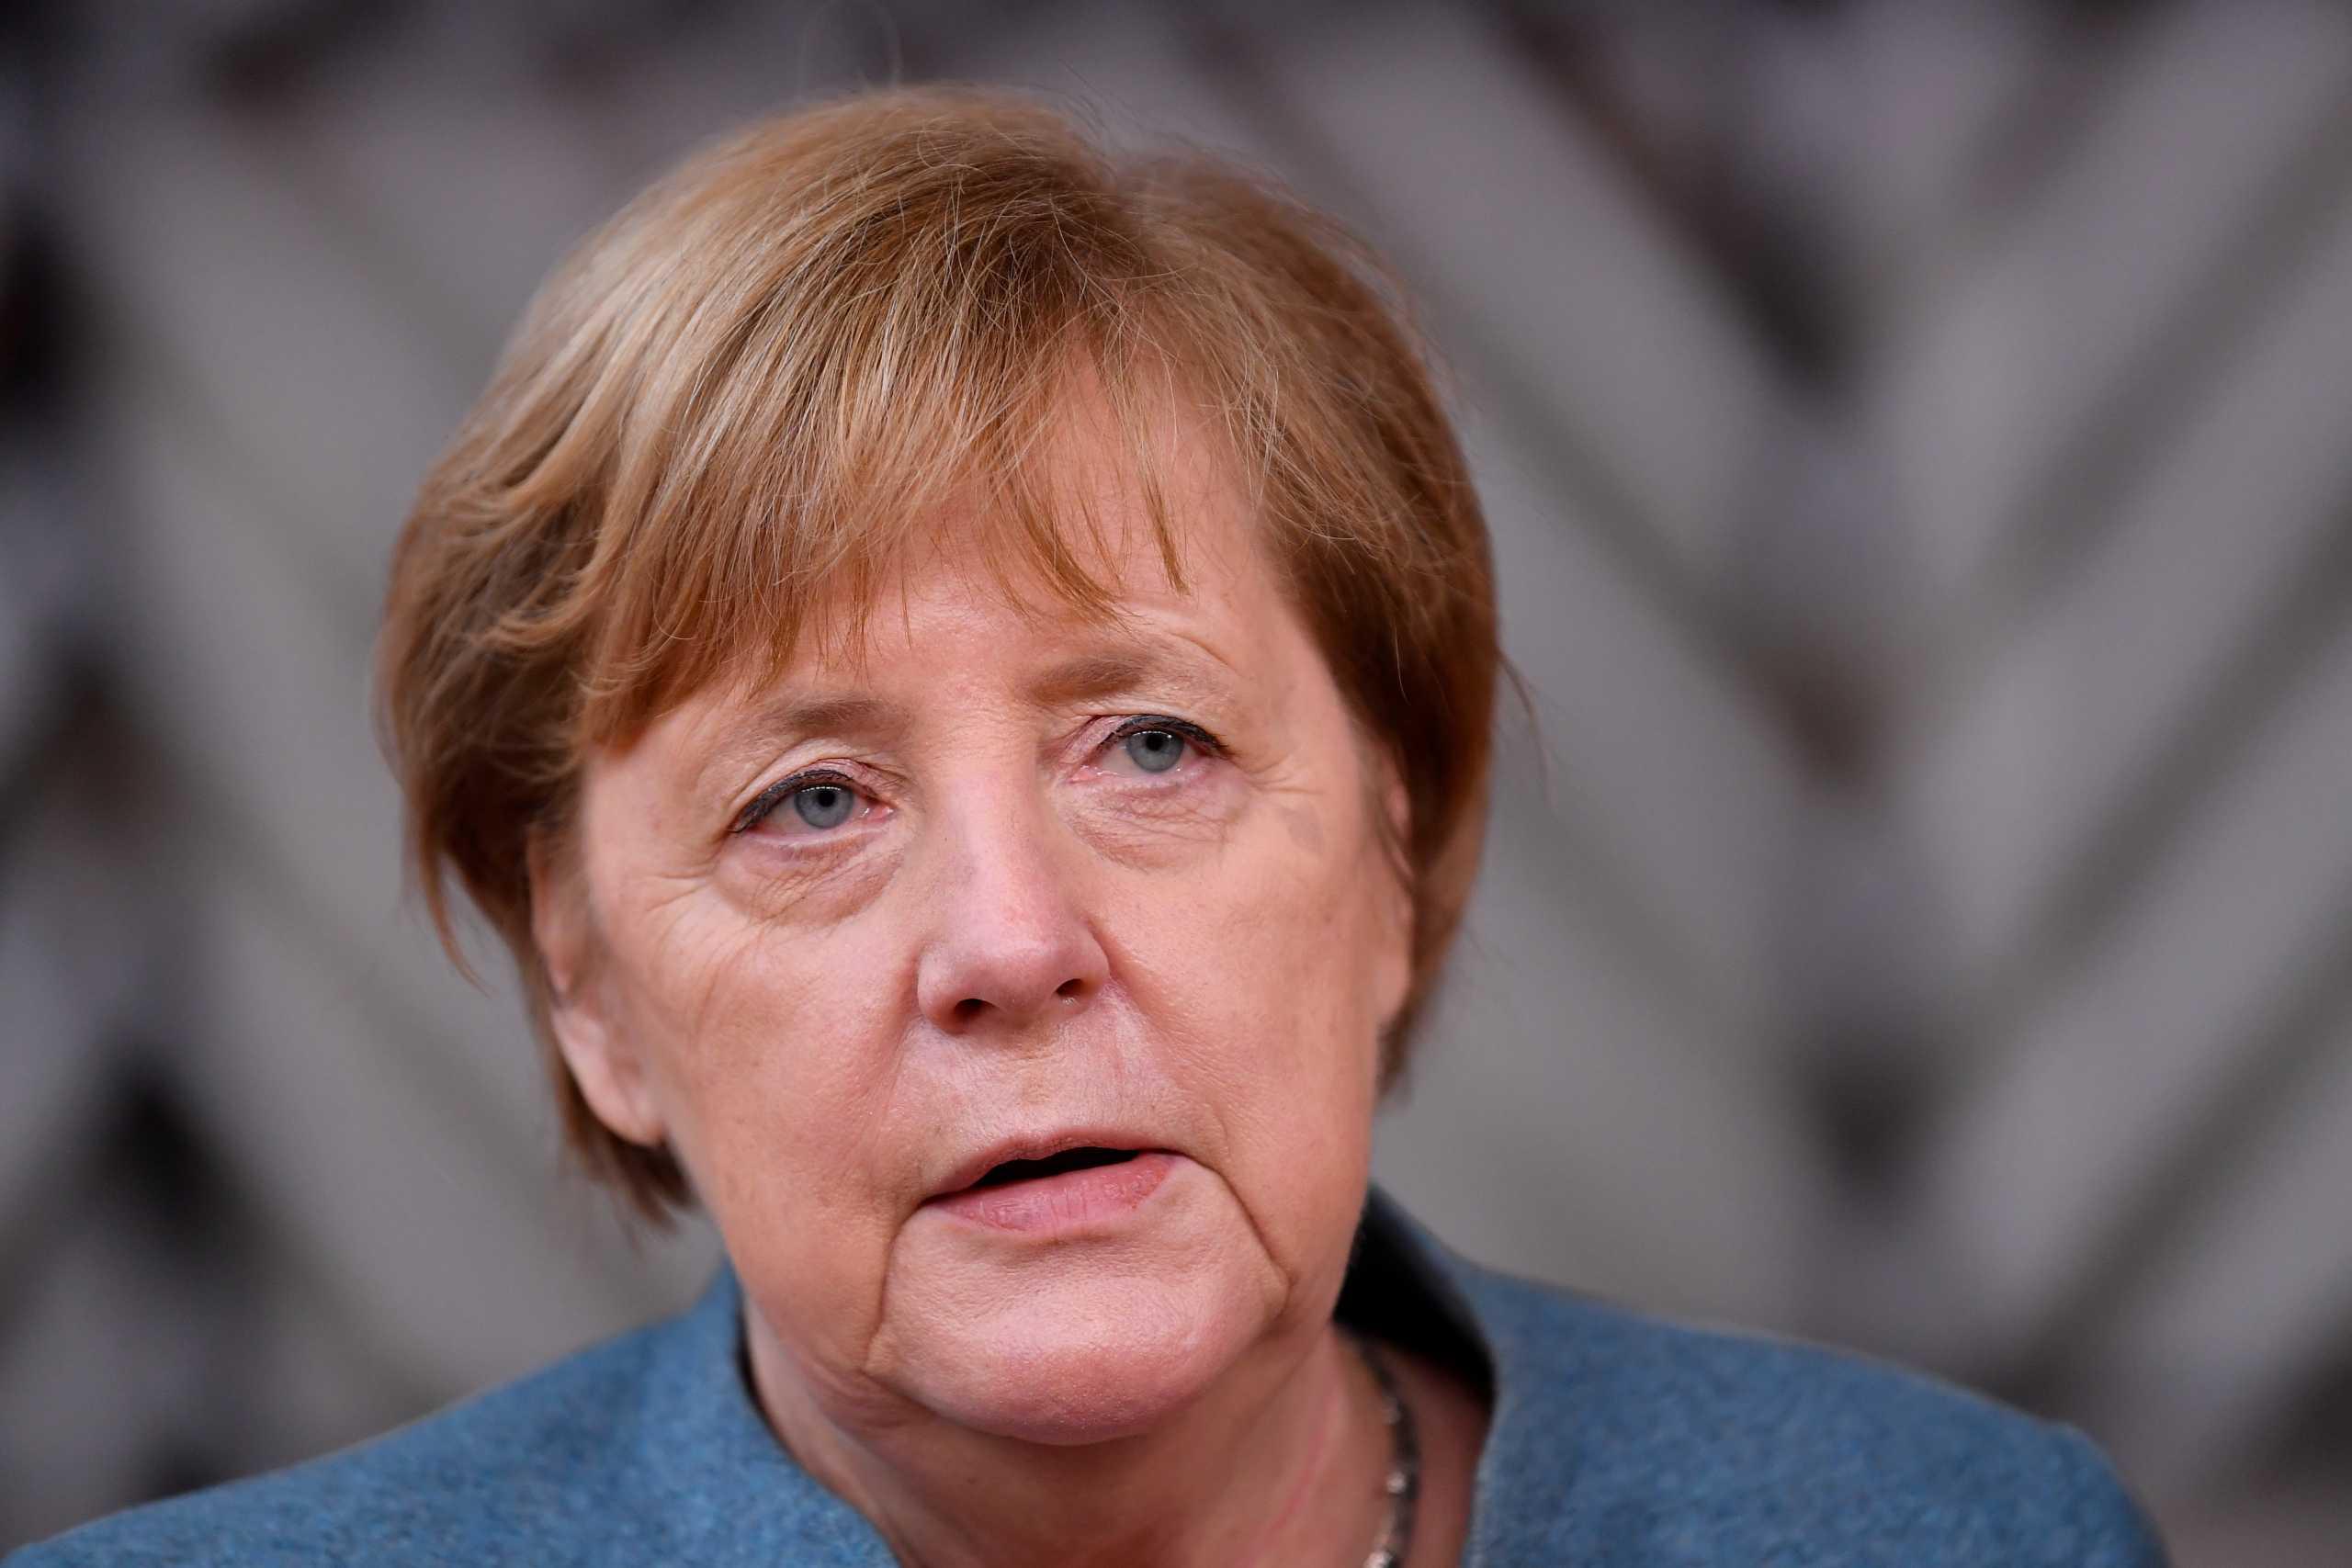 Την αναστολή παράδοσης υποβρυχίων στην Τουρκία ζητούν από την Α. Μέρκελ 53 Γερμανοί και Έλληνες ευρωβουλευτές